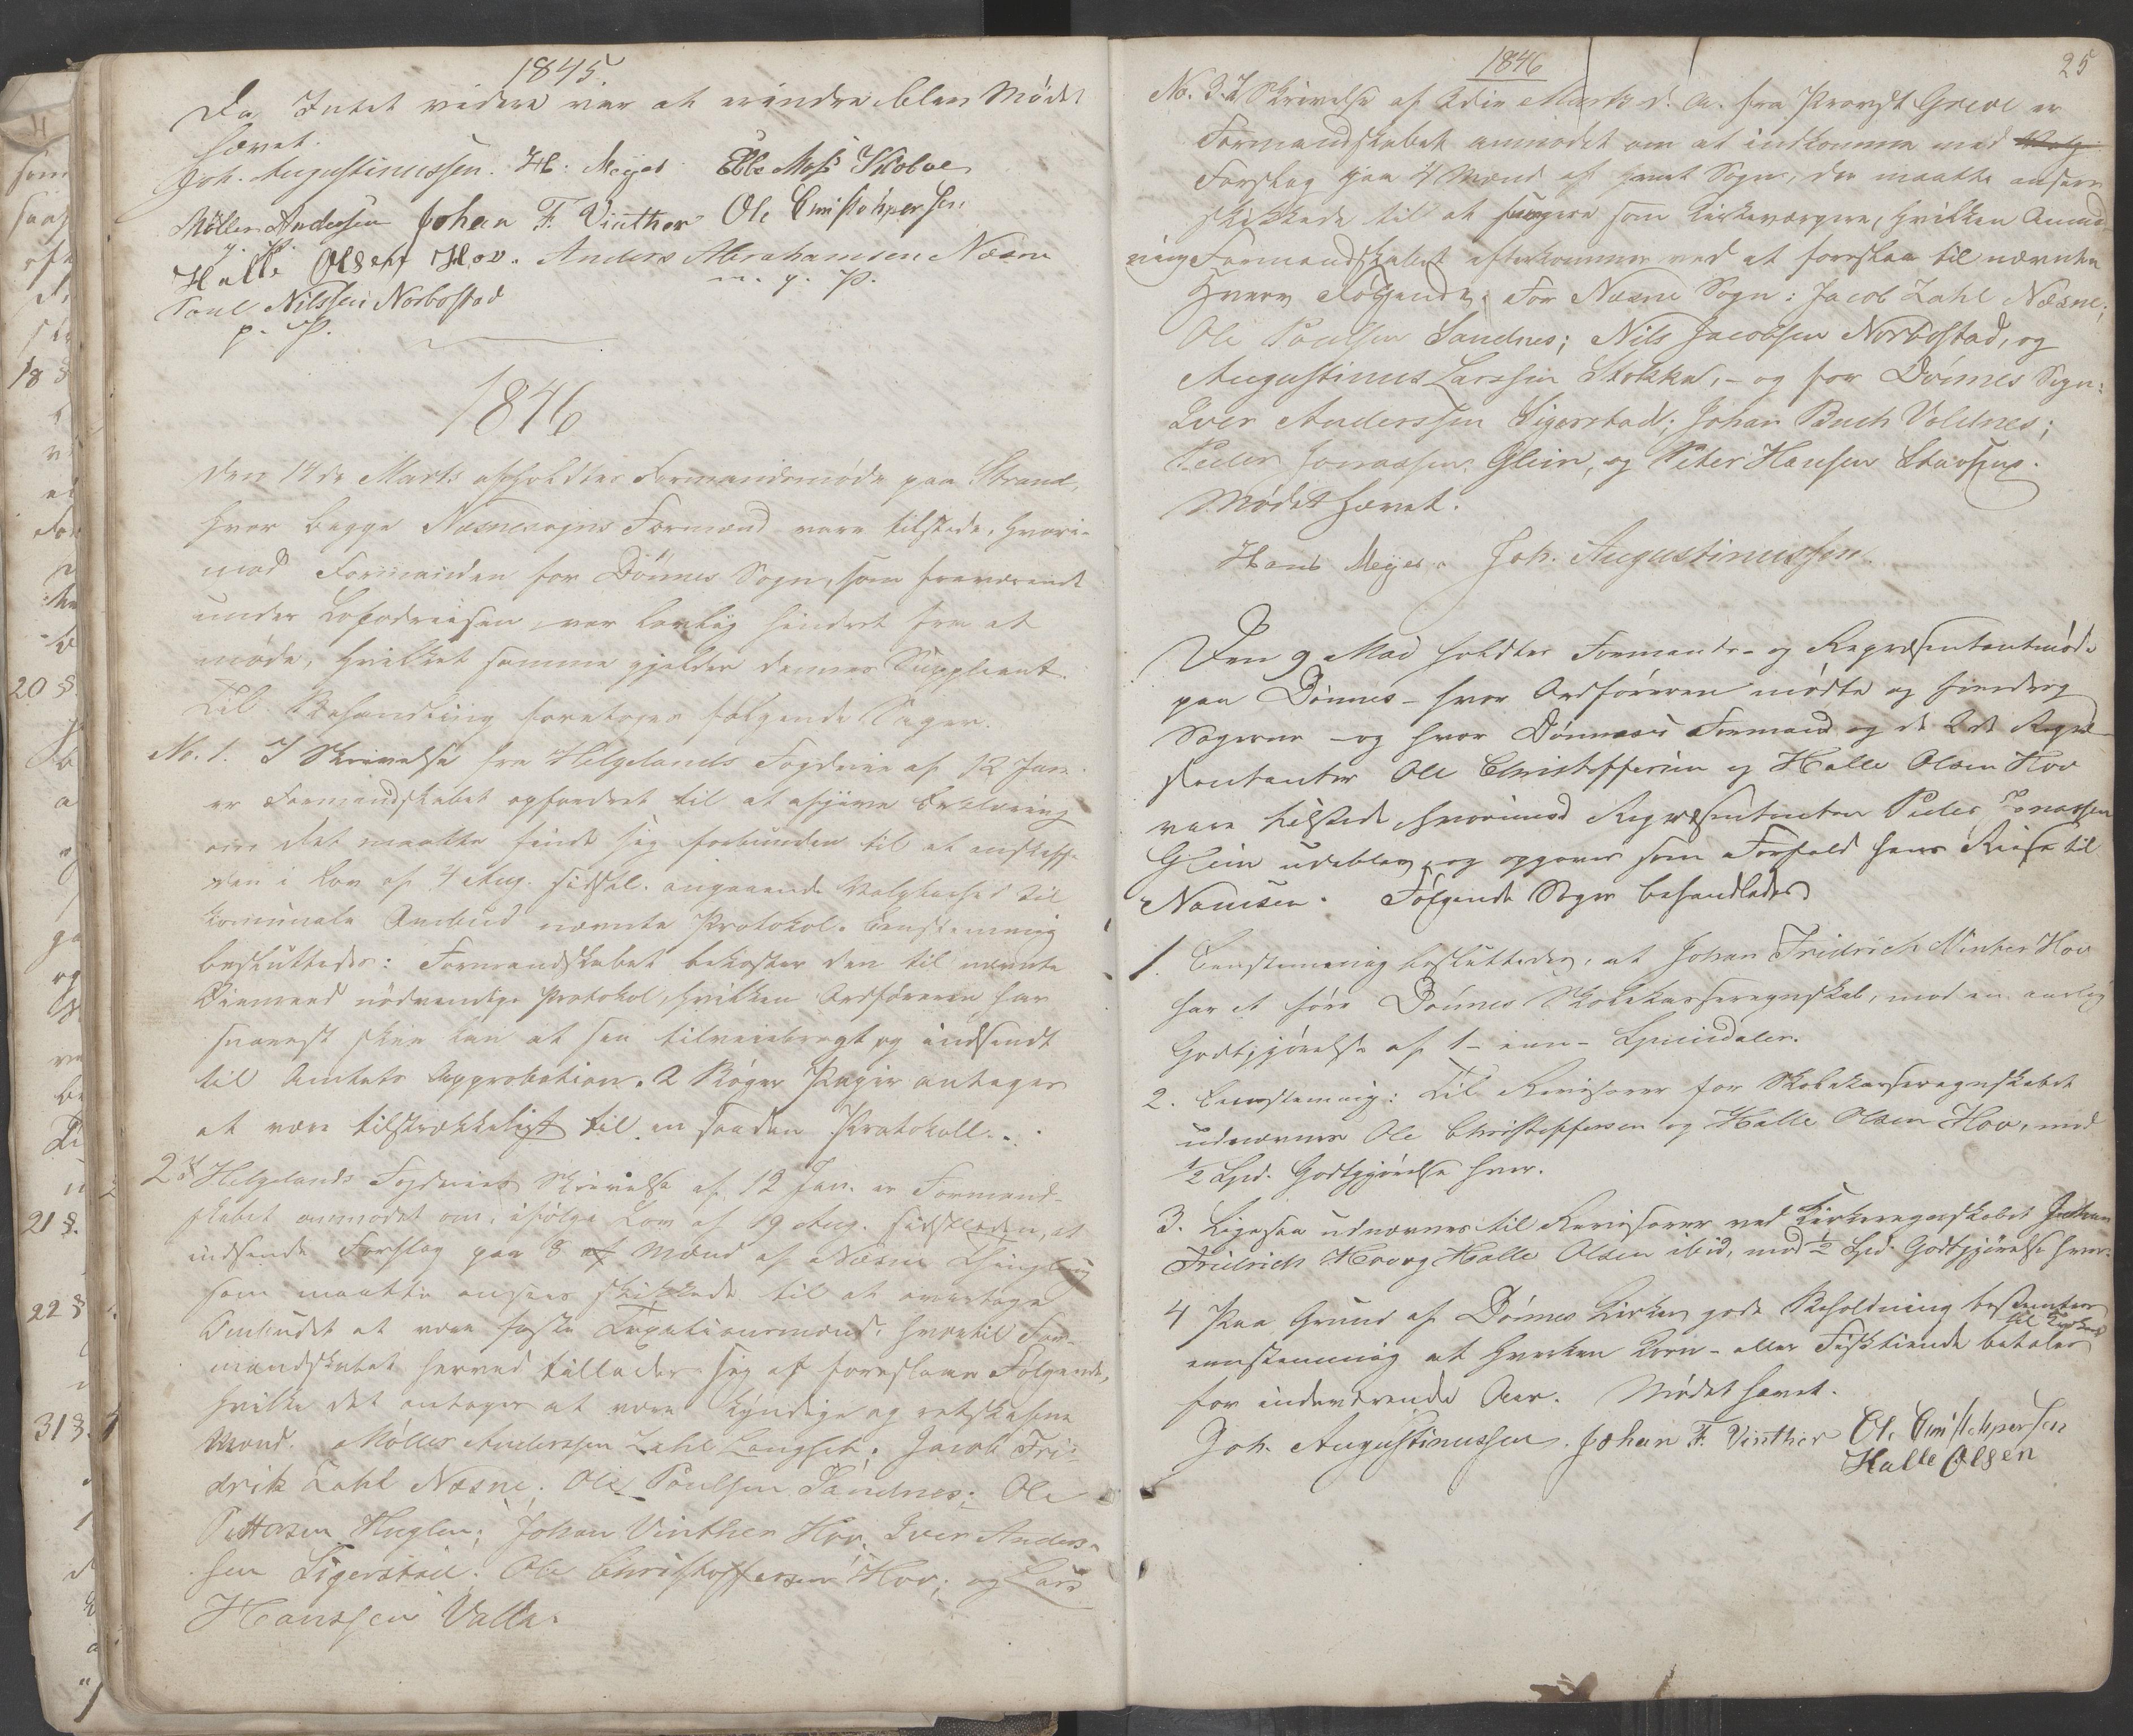 AIN, Nesna kommune. Formannskapet, 100/L0001: Møtebok, 1838-1873, s. 25